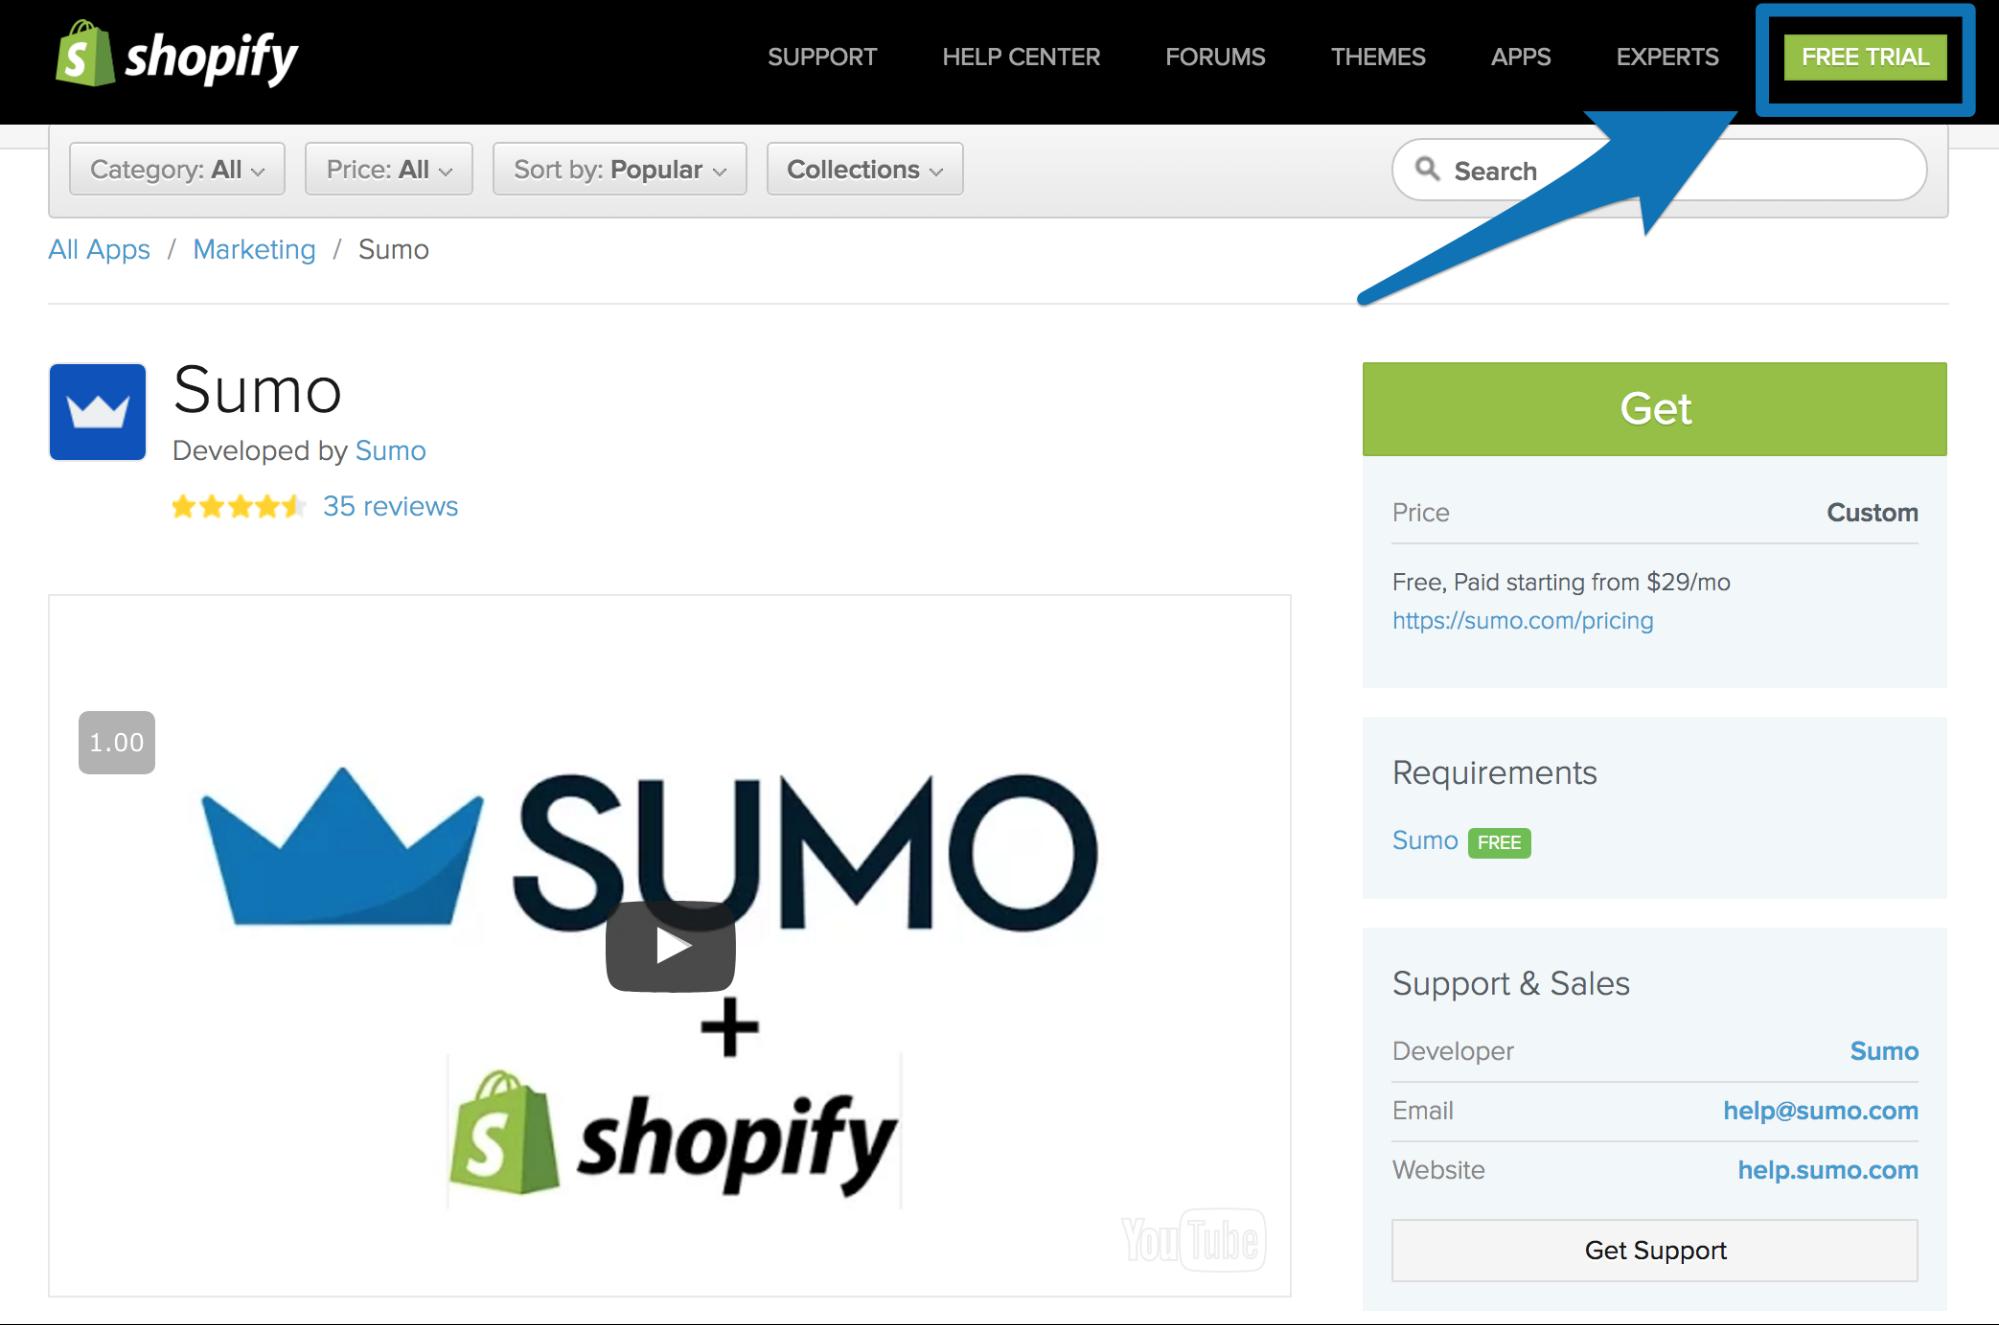 Screenshot showing Sumo